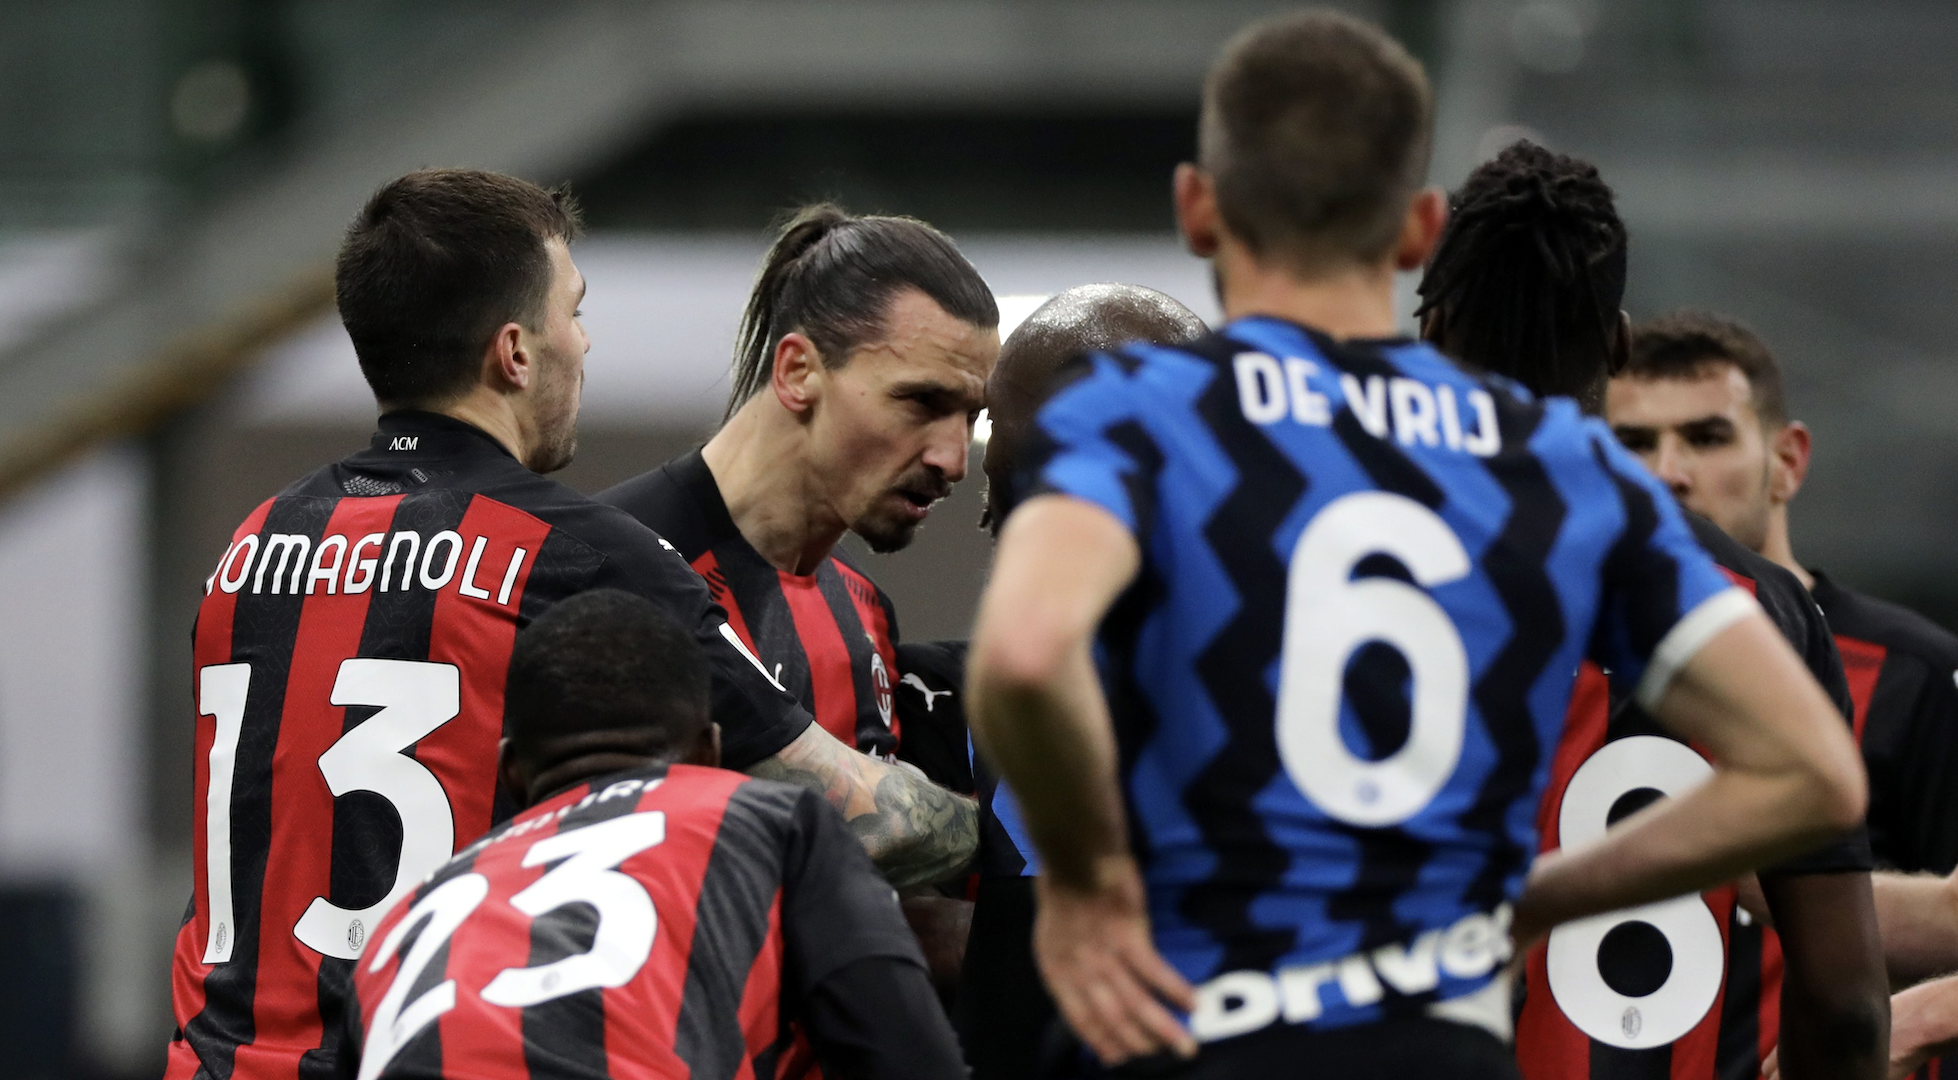 Chi sono i giocatori più pesanti della Serie A?